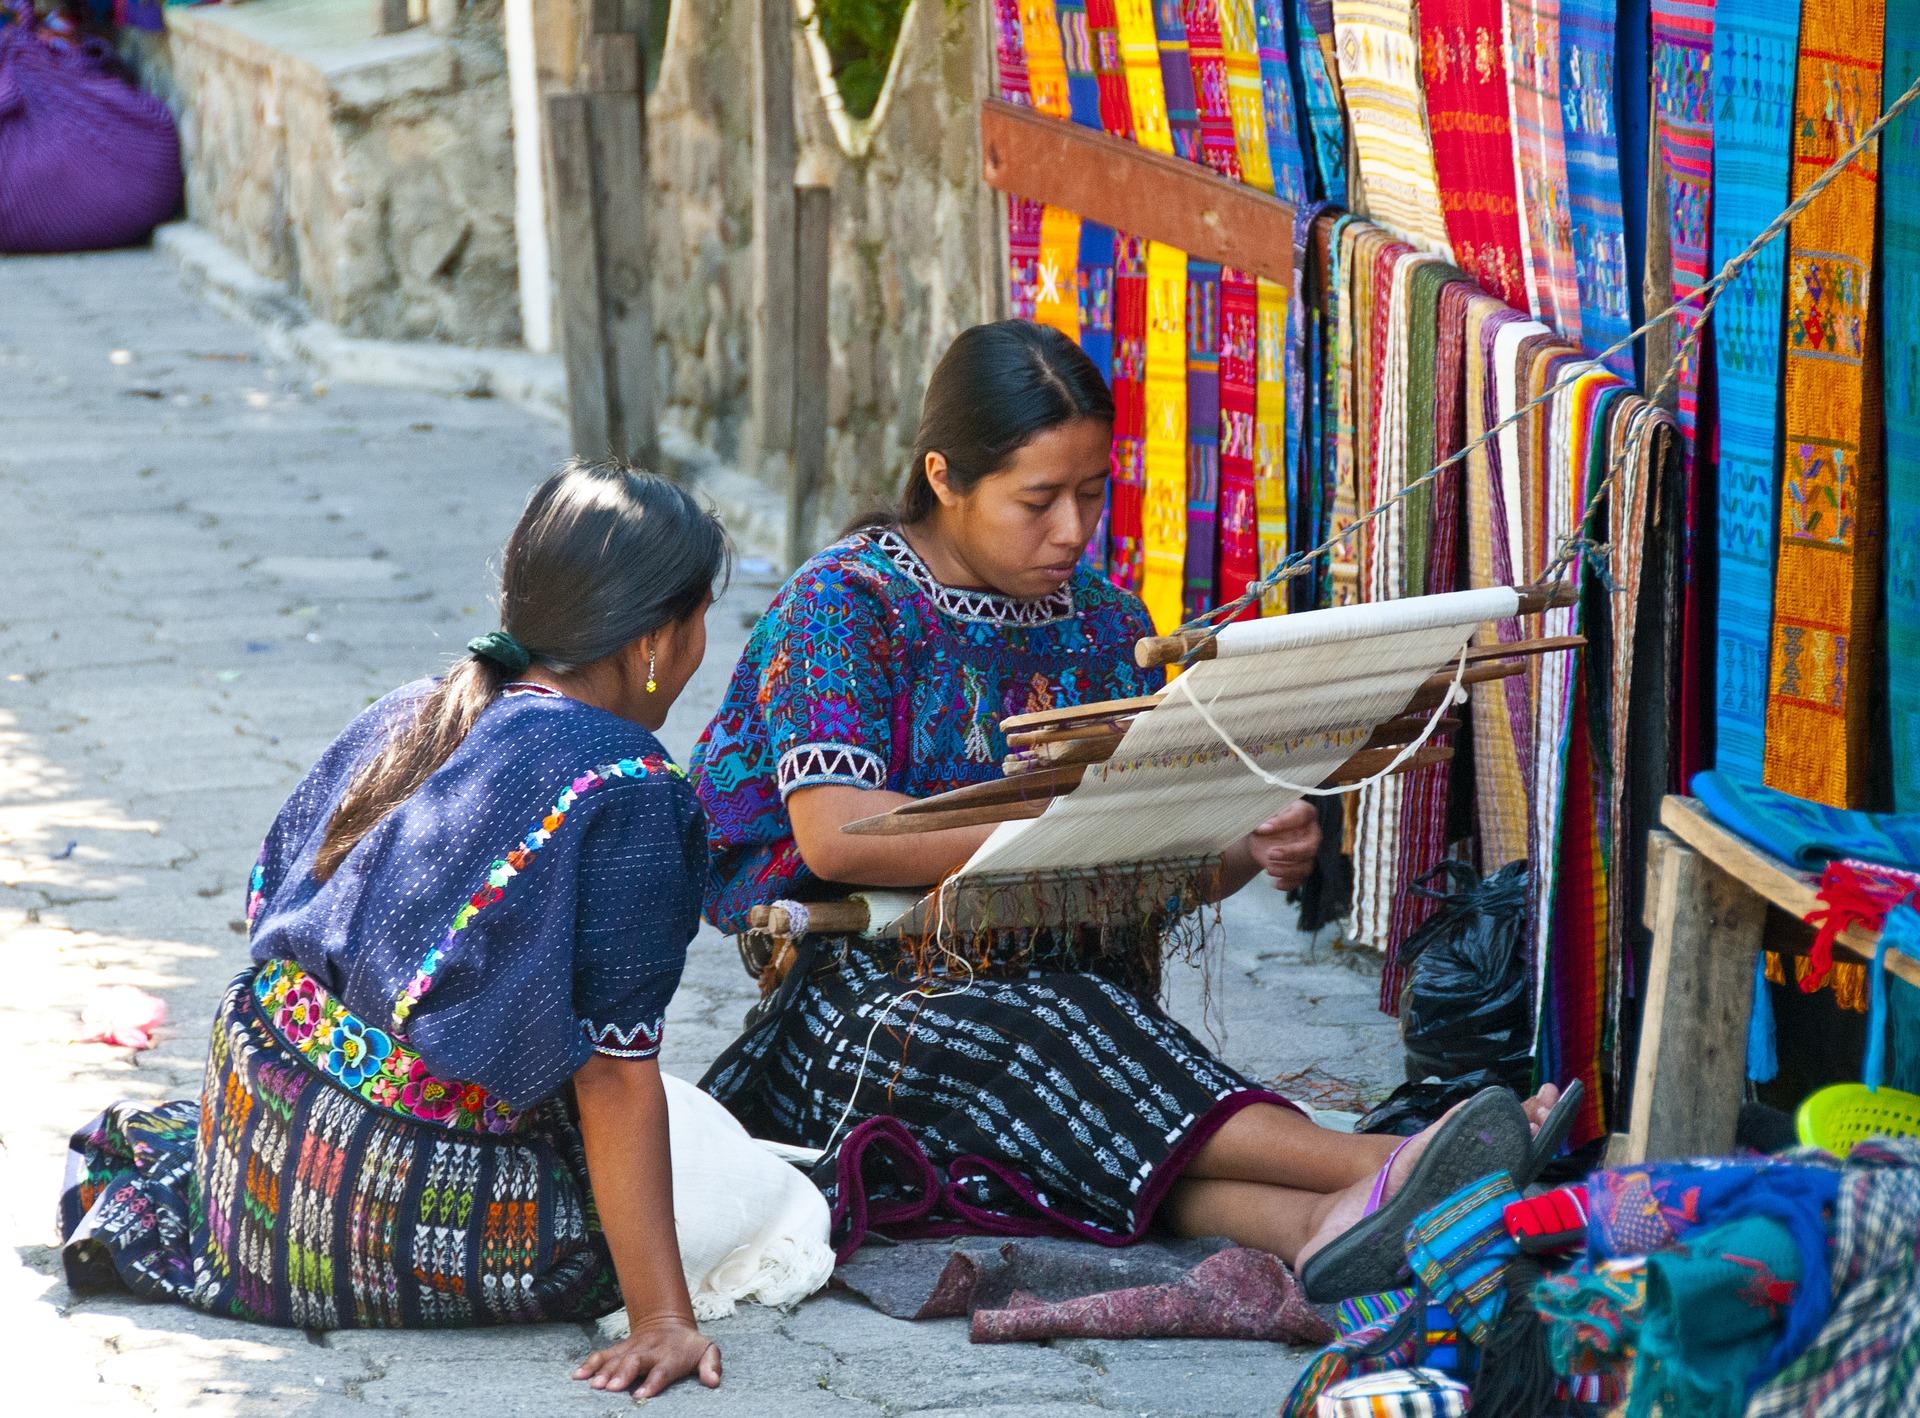 Mayan women enjoying their craft of weaving.